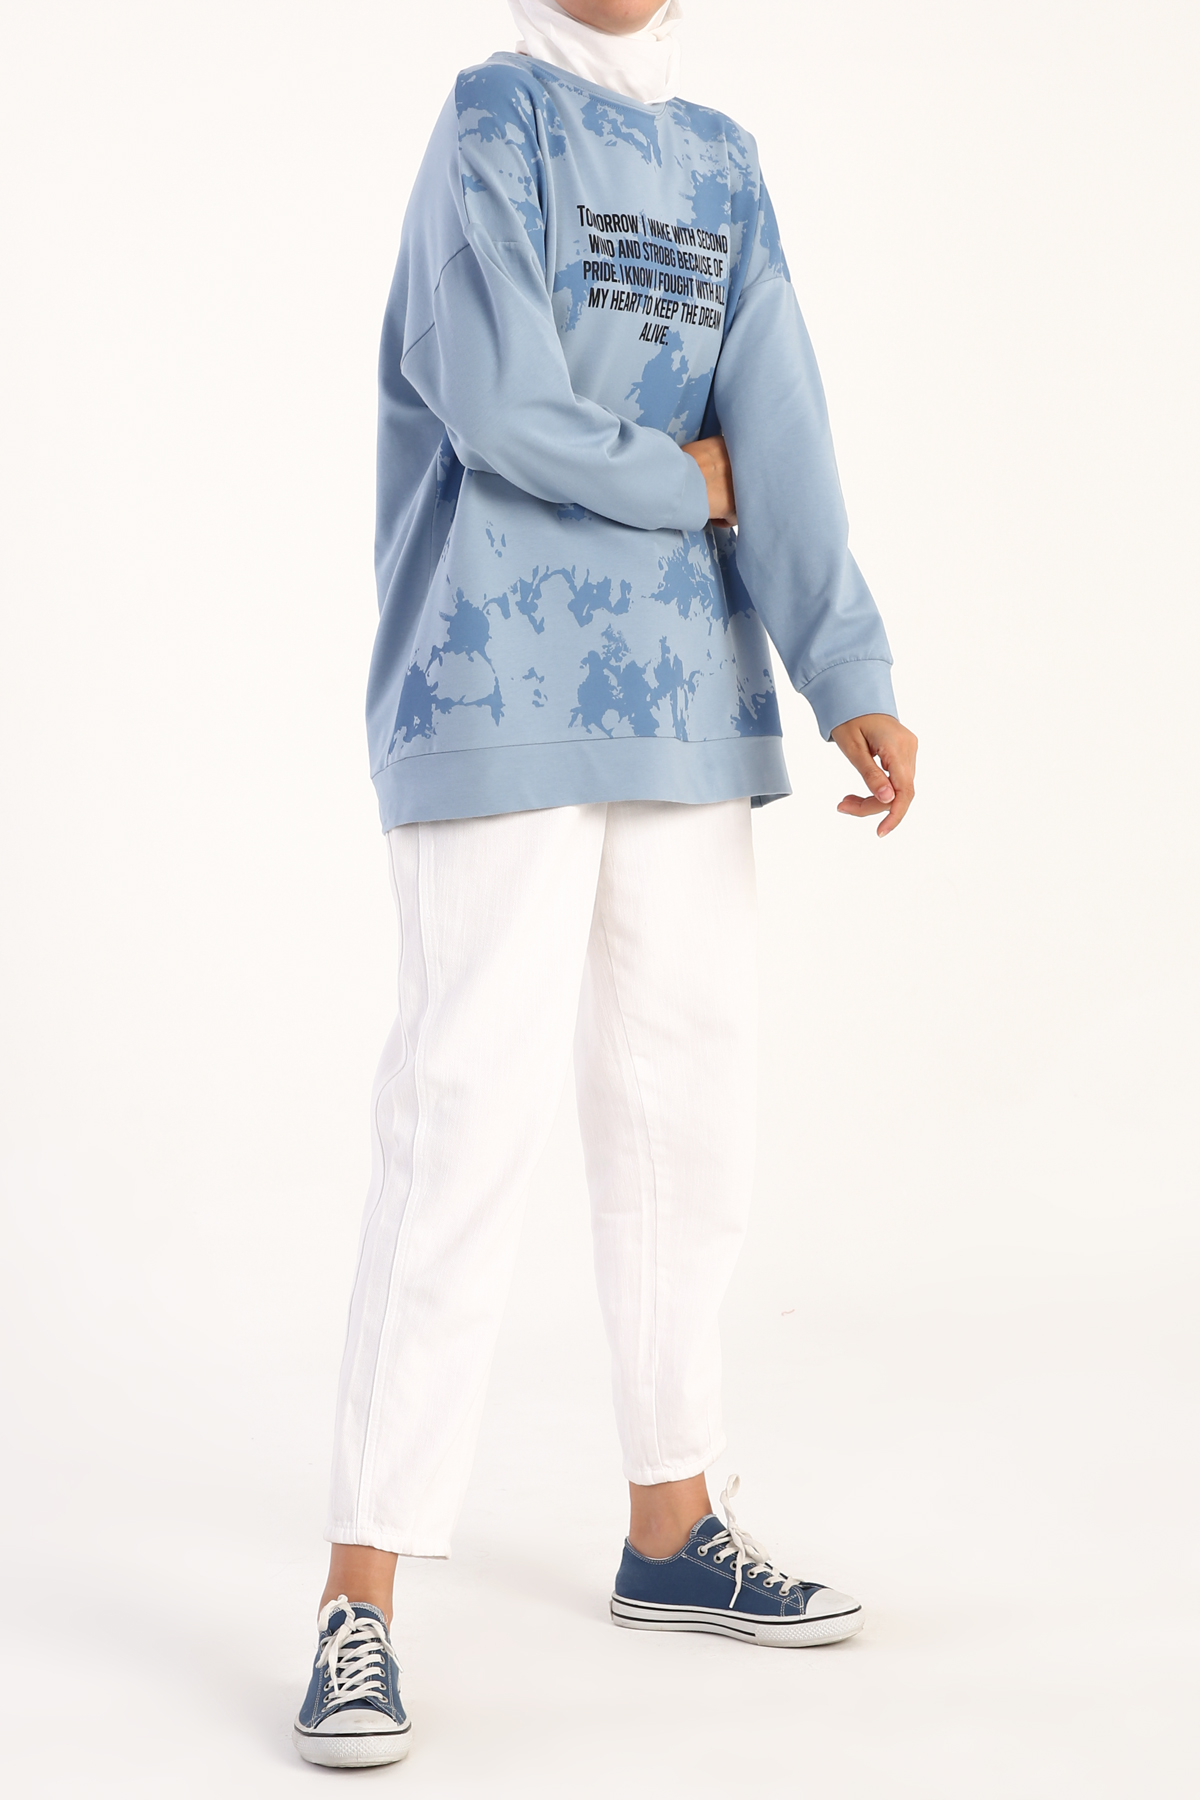 Tie-Dye Slogan Printed Sweatshirt